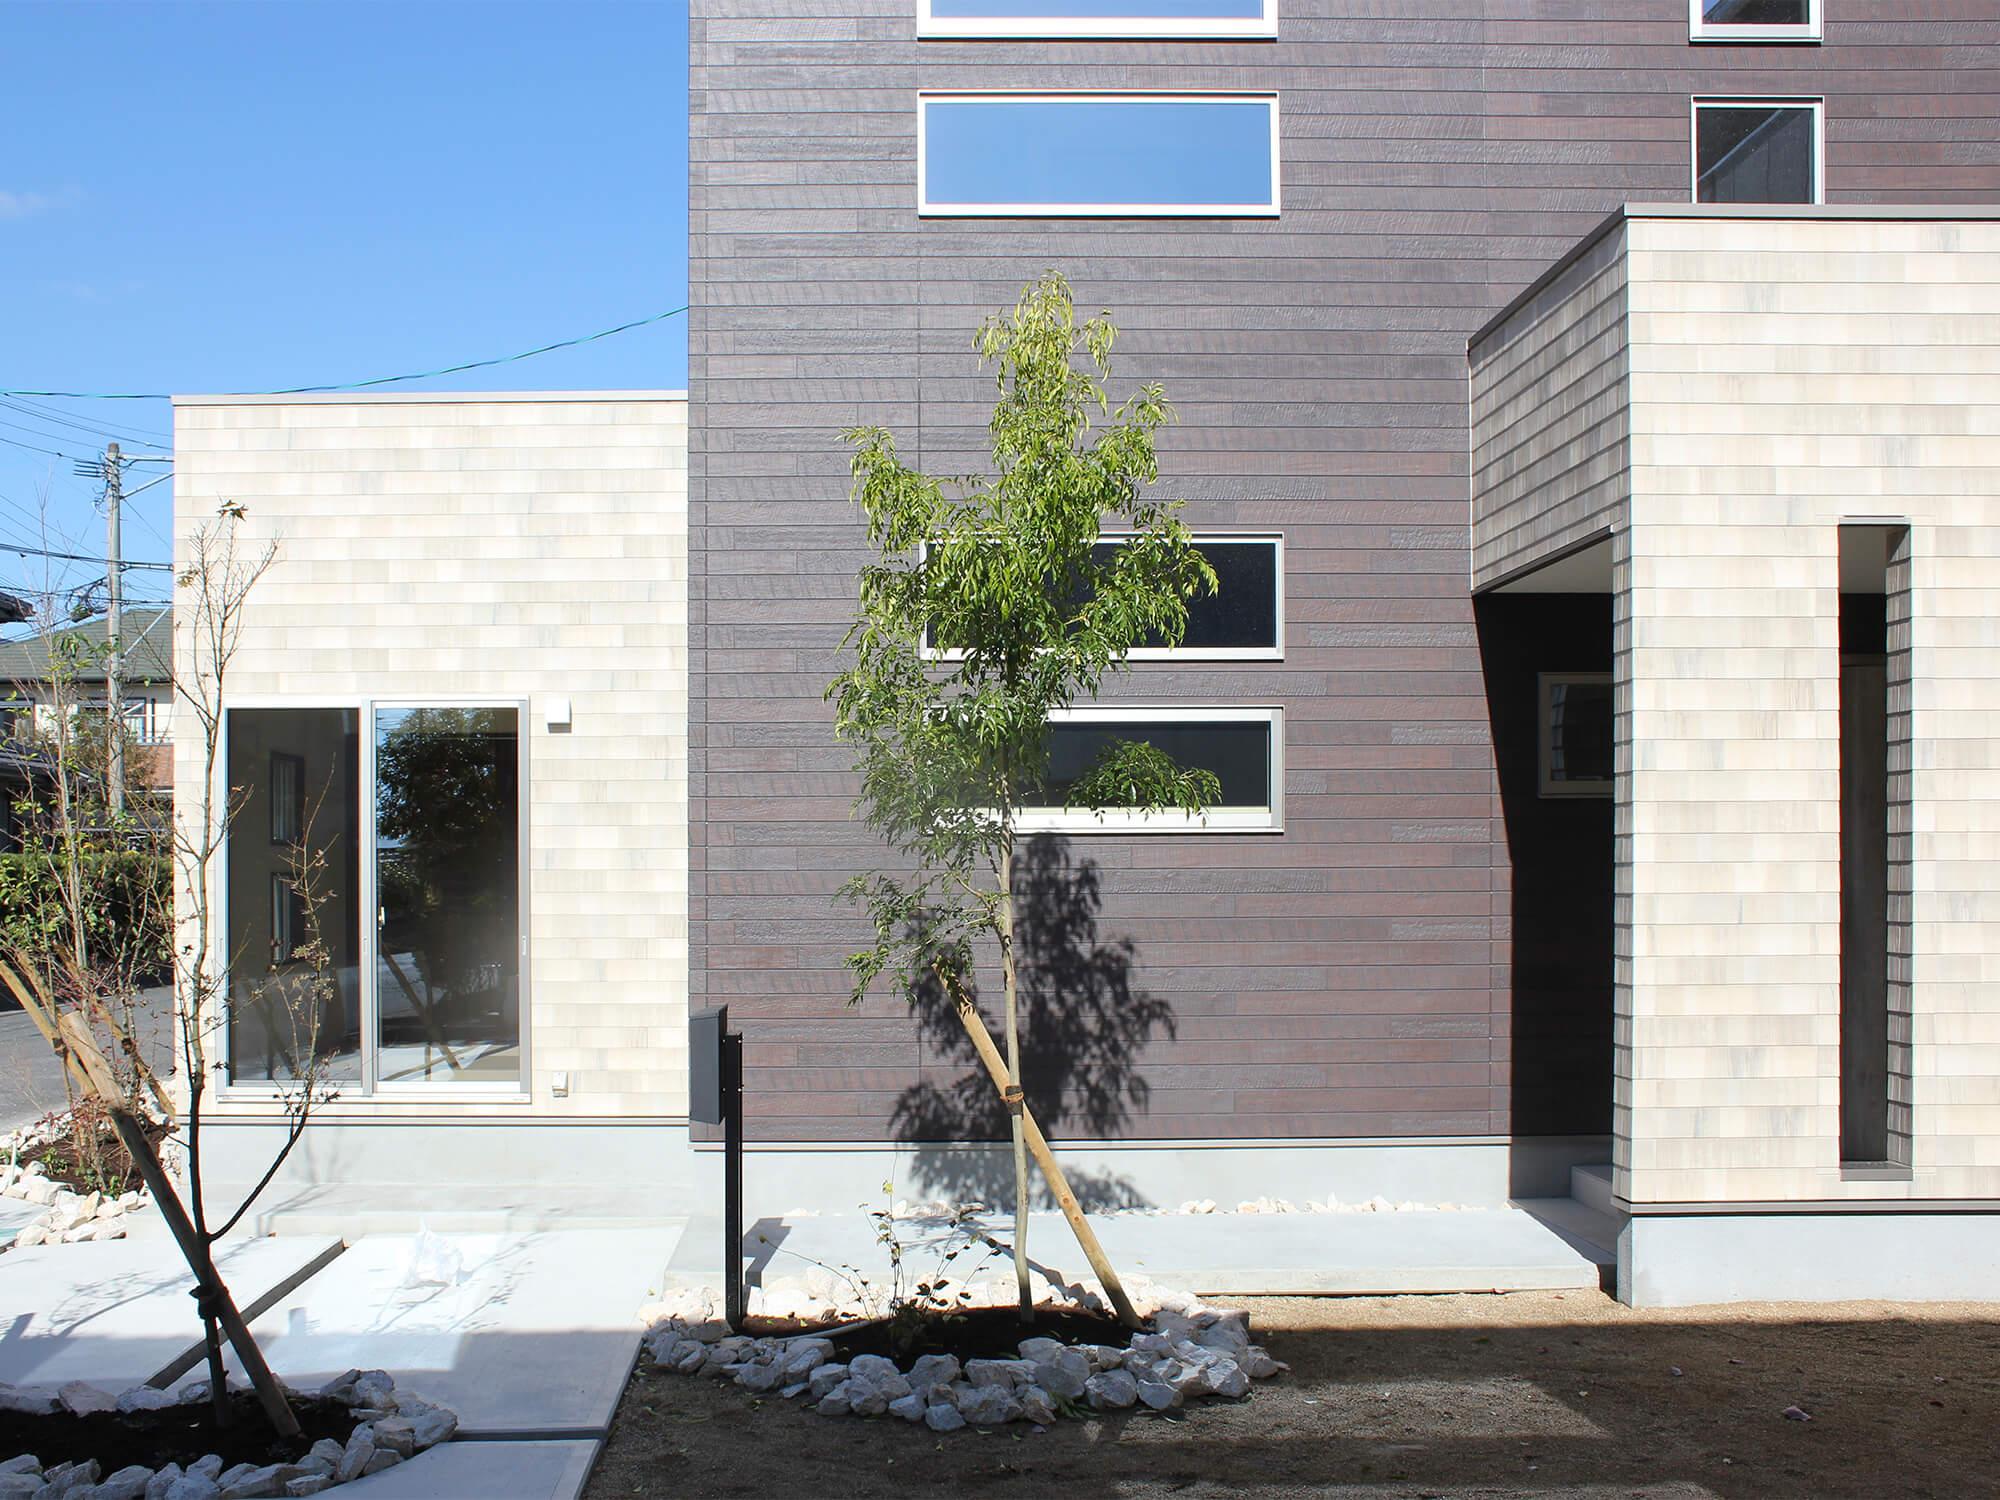 朝日I&Rリアルティの新築住宅「OURS 鍋島」外観